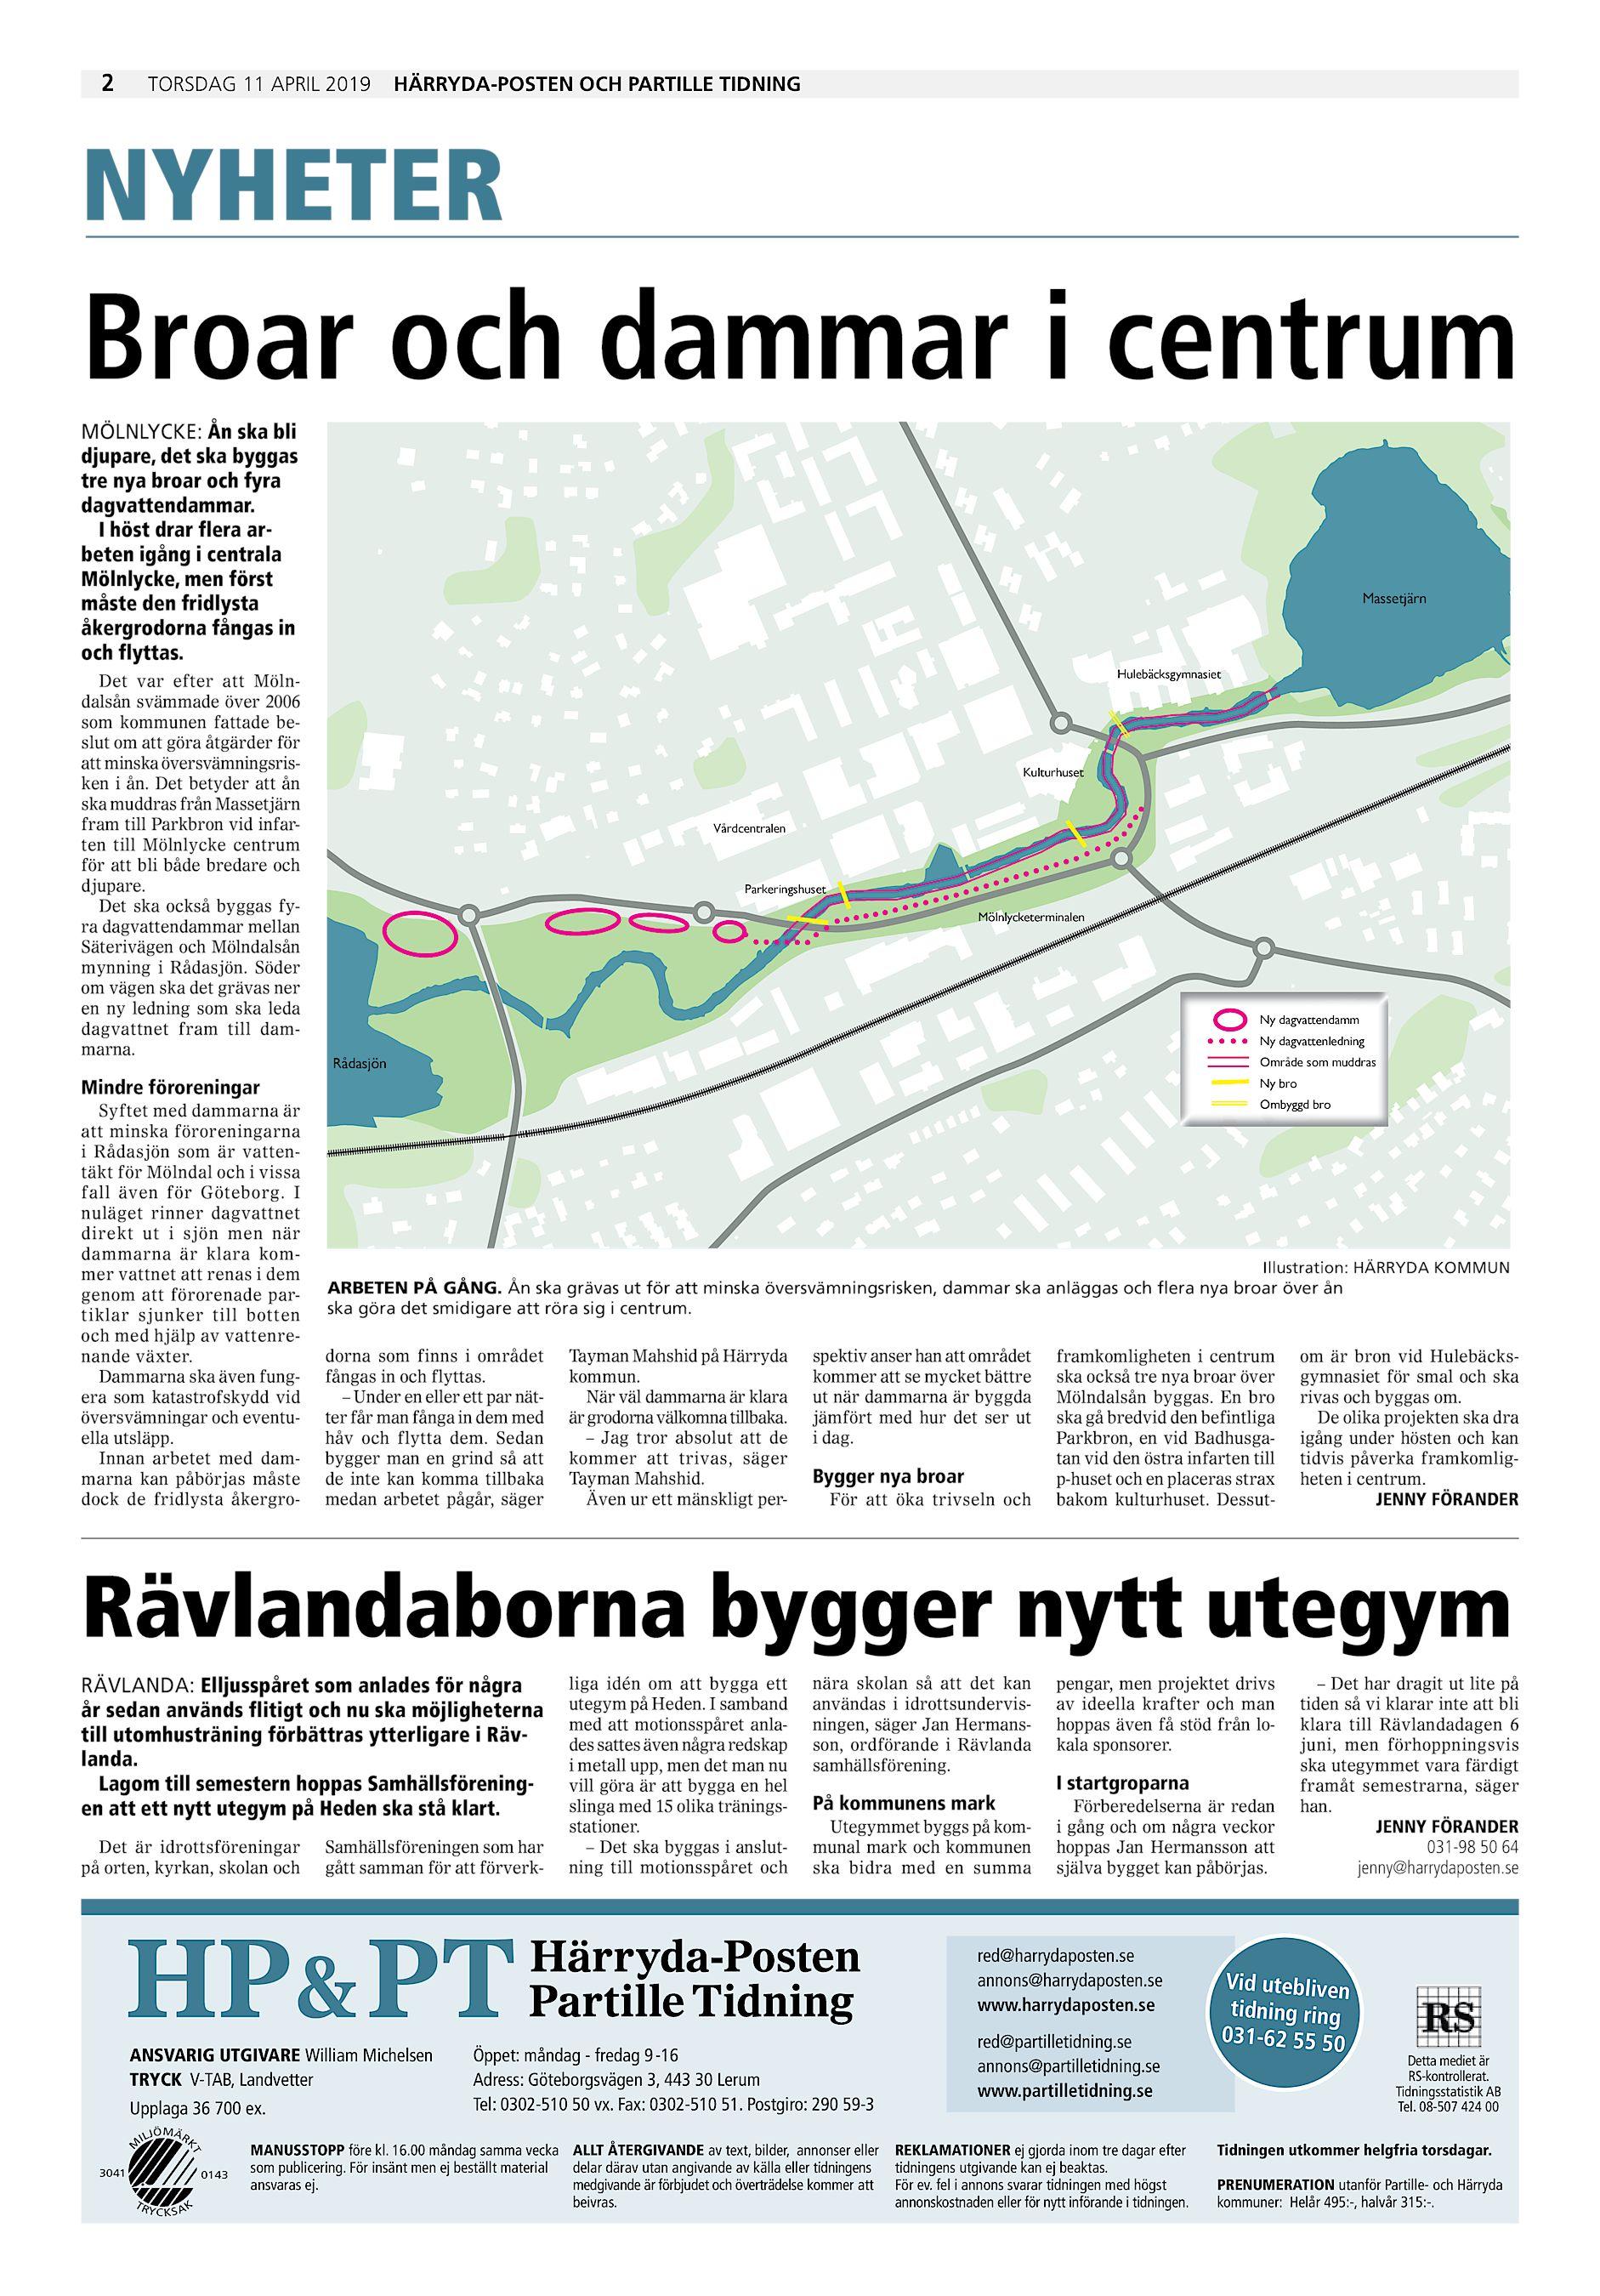 67312f94 2 TORSDAG 11 APRIL 2019 HÄRRYDA-POSTEN OCH PARTILLE TIDNING NYHETER Broar  och dammar i centrum MÖLNLYCKE: Ån ska bli djupare, det ska byggas tre nya  broar ...